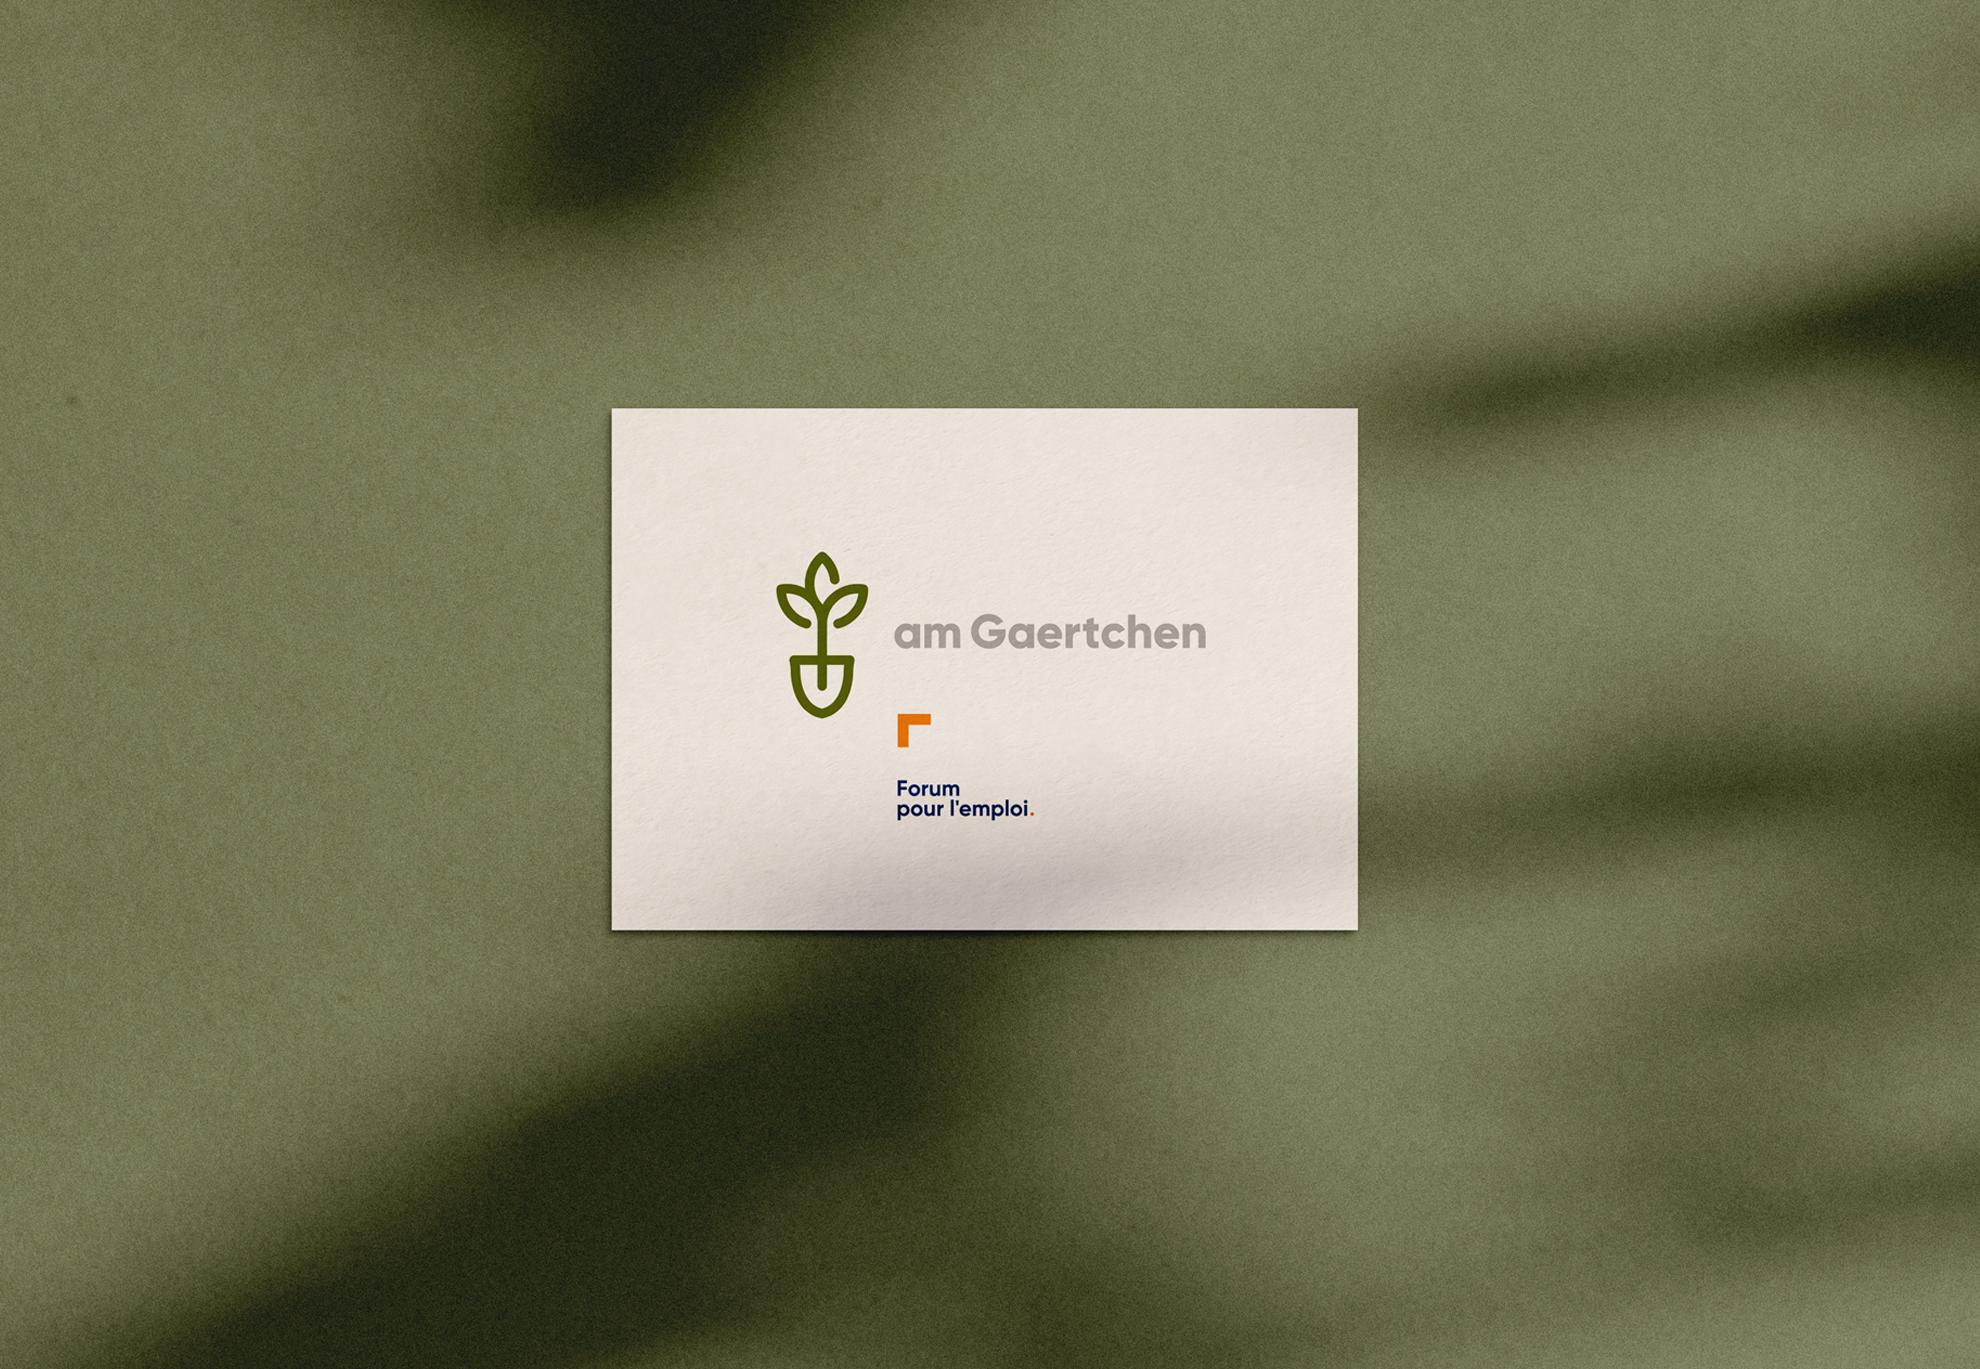 Am Gaertchen - packaging design, étiquettes, cartes de visite